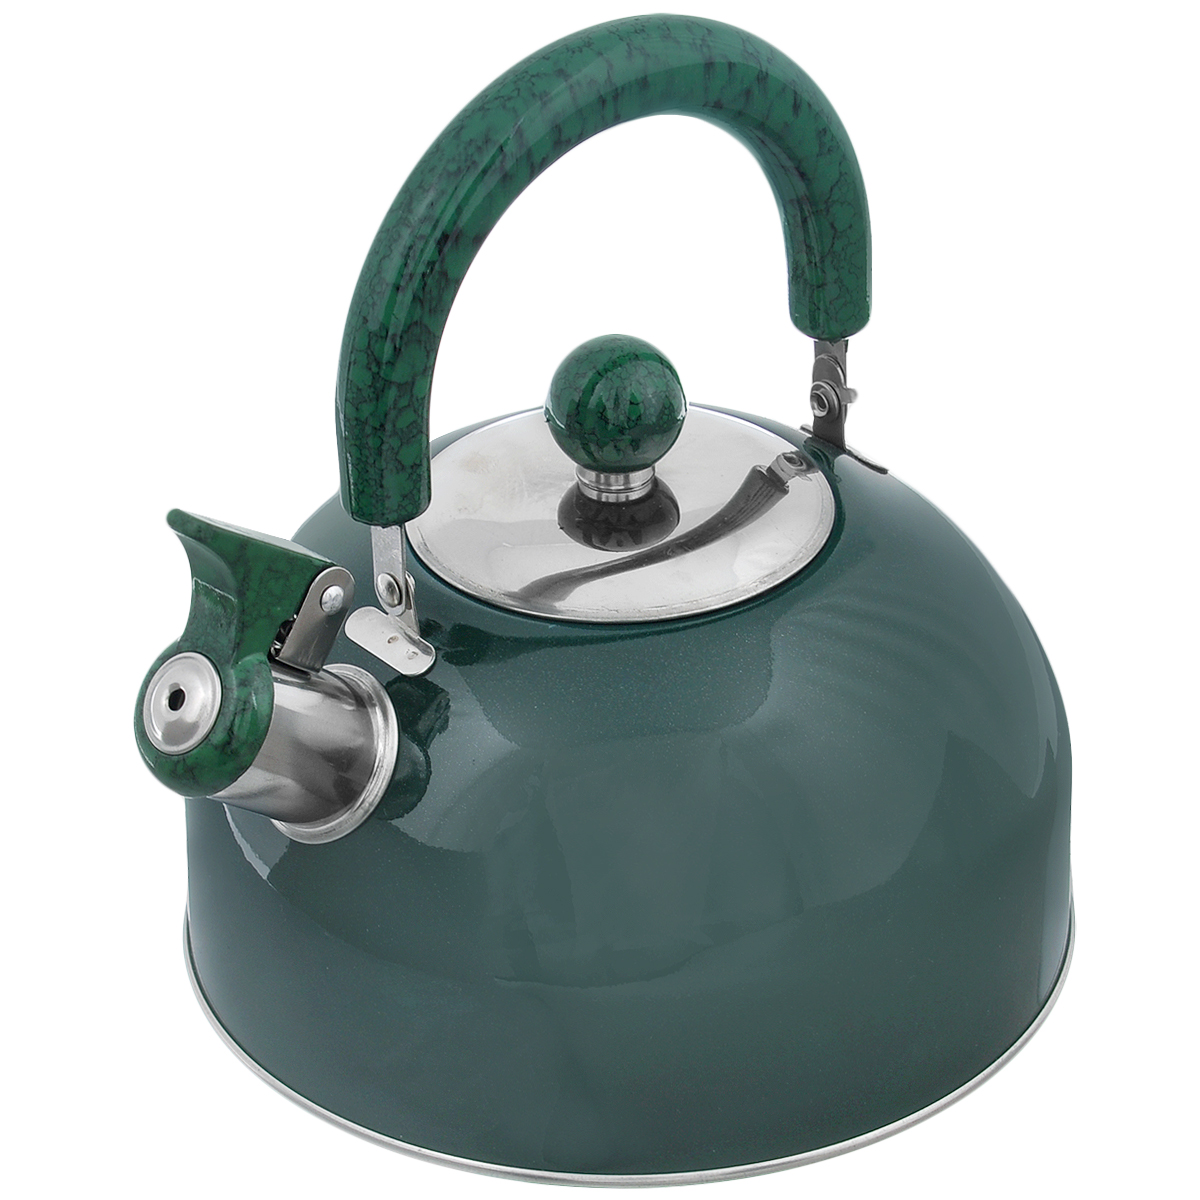 Чайник Mayer & Boch Modern со свистком, цвет: зеленый, 2 л. МВ-3226МВ-3226Чайник Mayer & Boch Modern изготовлен из высококачественной нержавеющей стали. Гладкая и ровная поверхность существенно облегчает уход. Он оснащен удобной нейлоновой ручкой, которая не нагревается даже при продолжительном периоде нагрева воды. Носик чайника имеет насадку-свисток, что позволит вам контролировать процесс подогрева или кипячения воды. Выполненный из качественных материалов чайник Mayer & Boch Modern при кипячении сохраняет все полезные свойства воды.Чайник пригоден для использования на всех типах плит, кроме индукционных. Можно мыть в посудомоечной машине. Диаметр чайника по верхнему краю: 8,5 см. Диаметр основания: 19 см. Высота чайника (без учета ручки и крышки): 10 см.